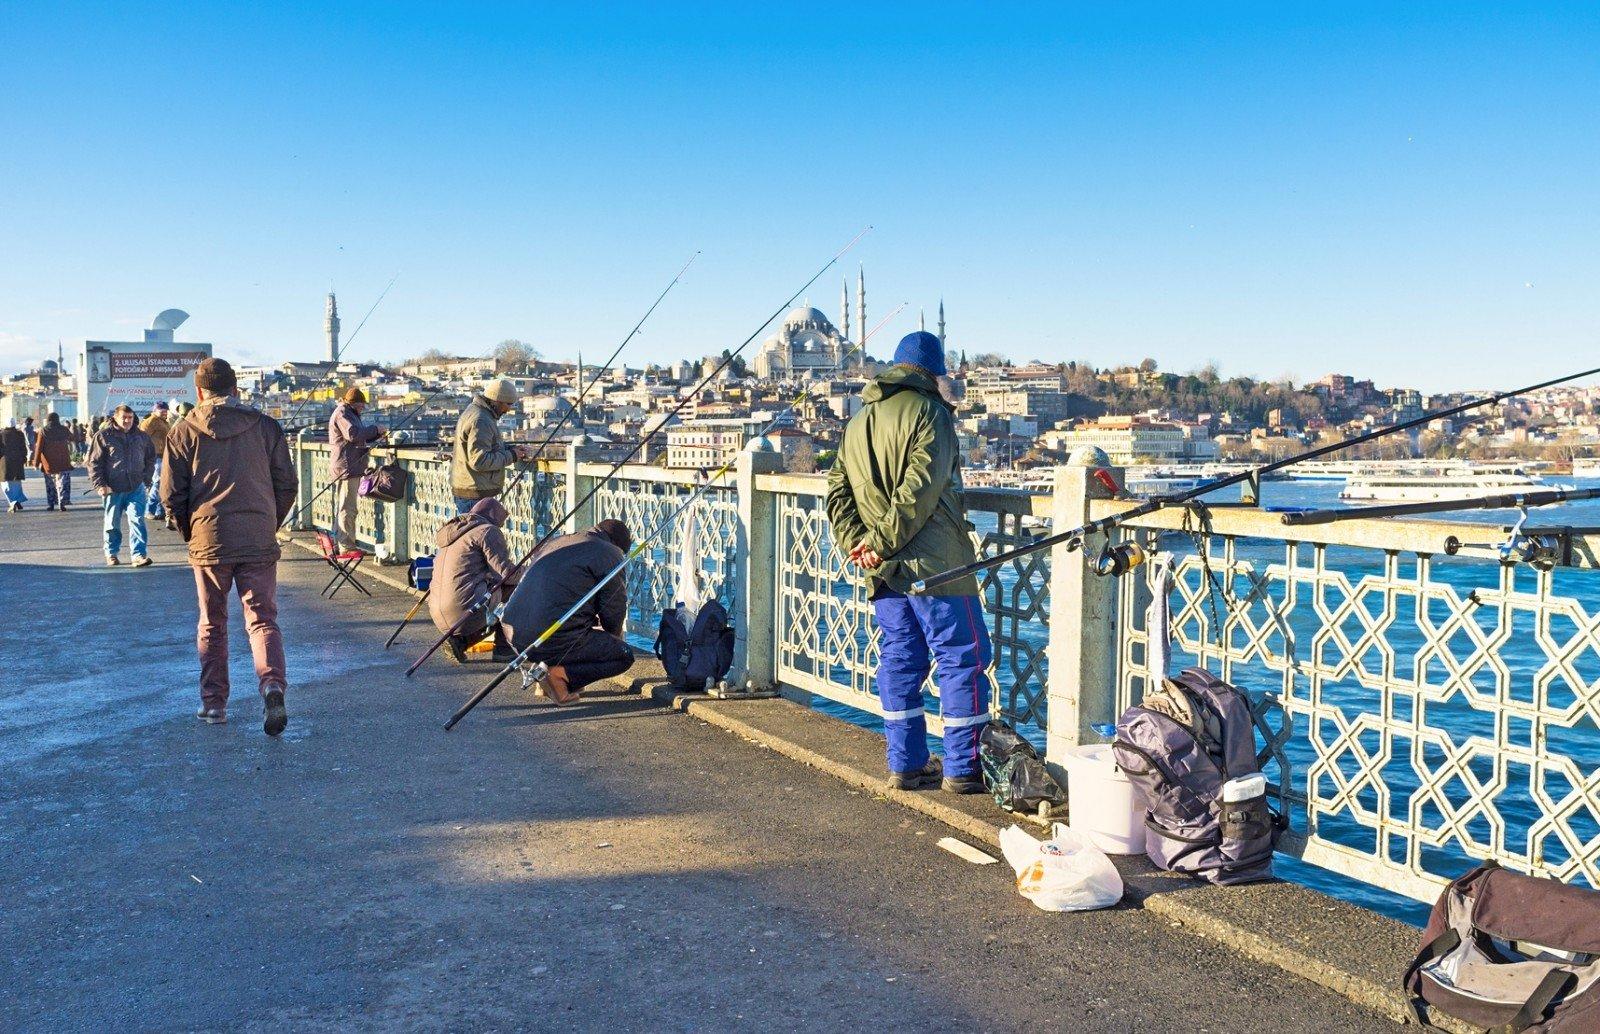 Žvejyba kolūkyje: čia galioja savos taisyklės